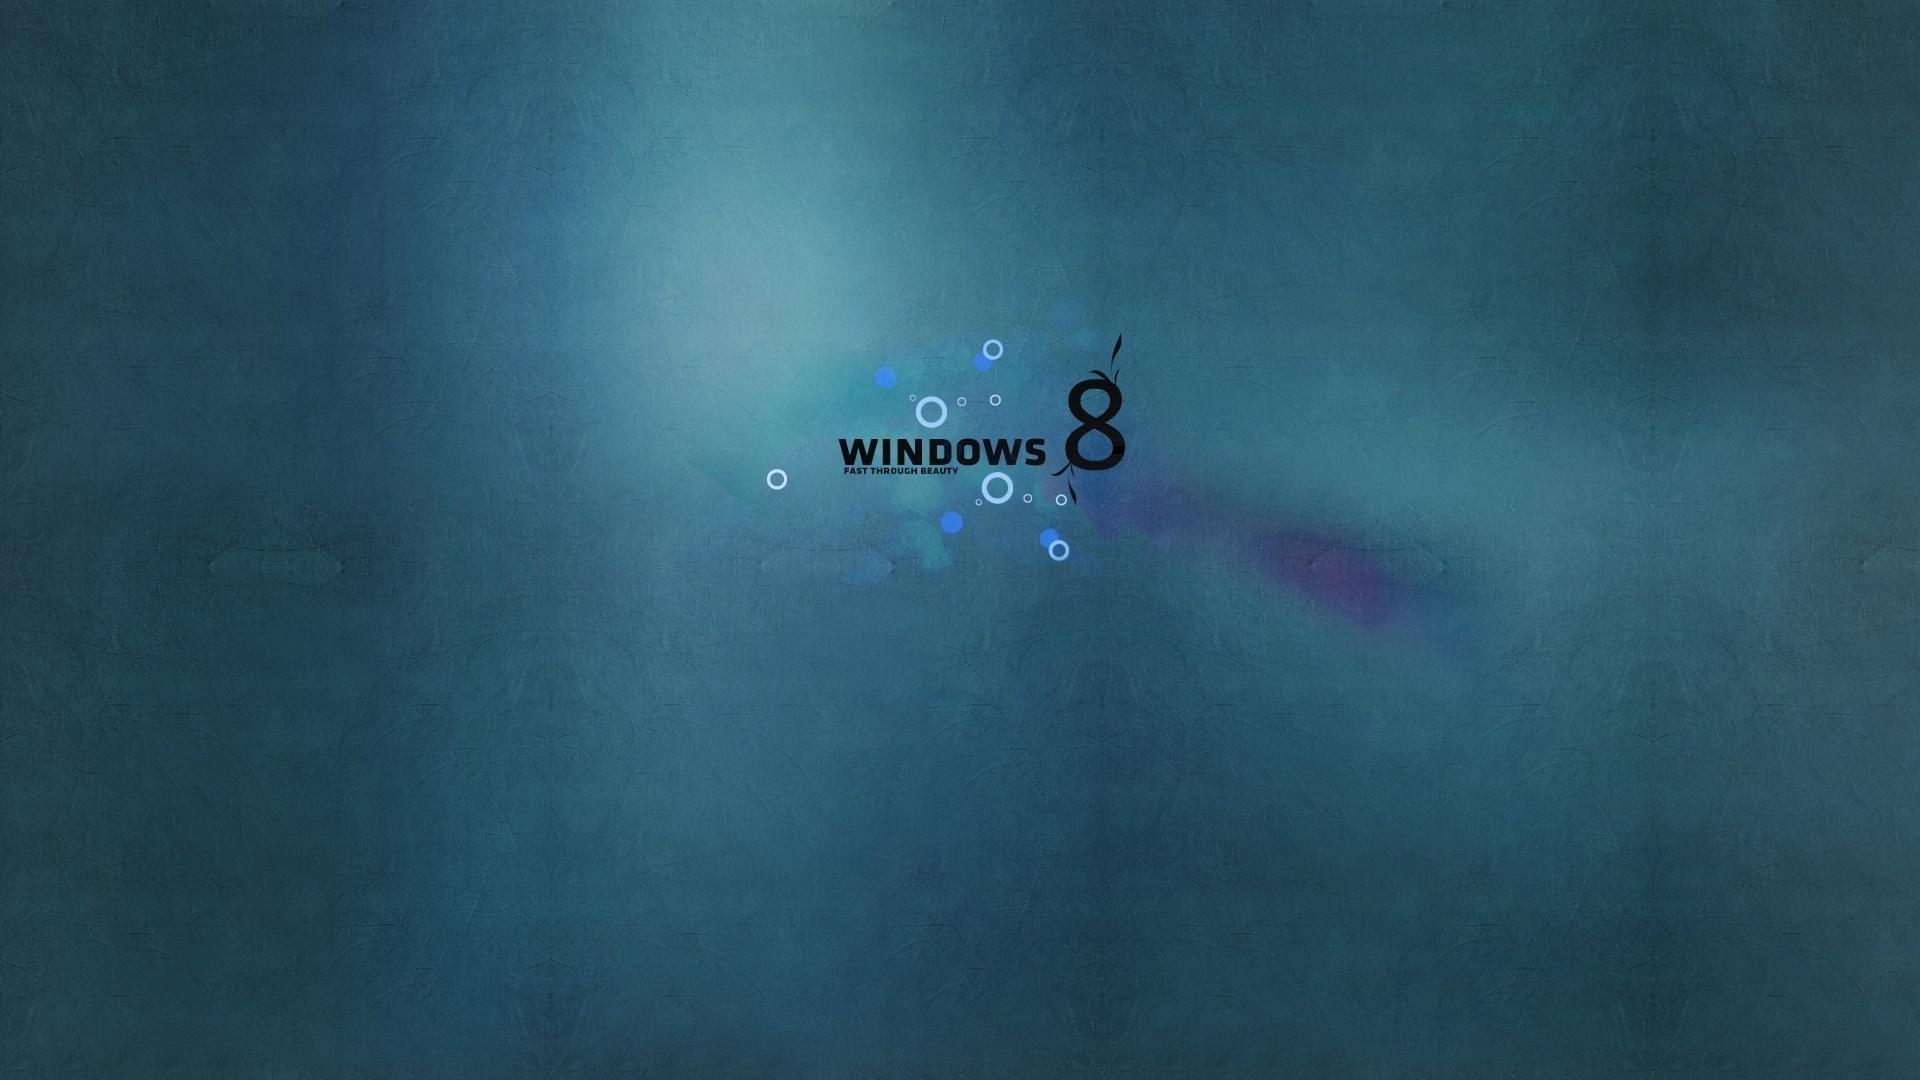 coders windows fan - photo #44